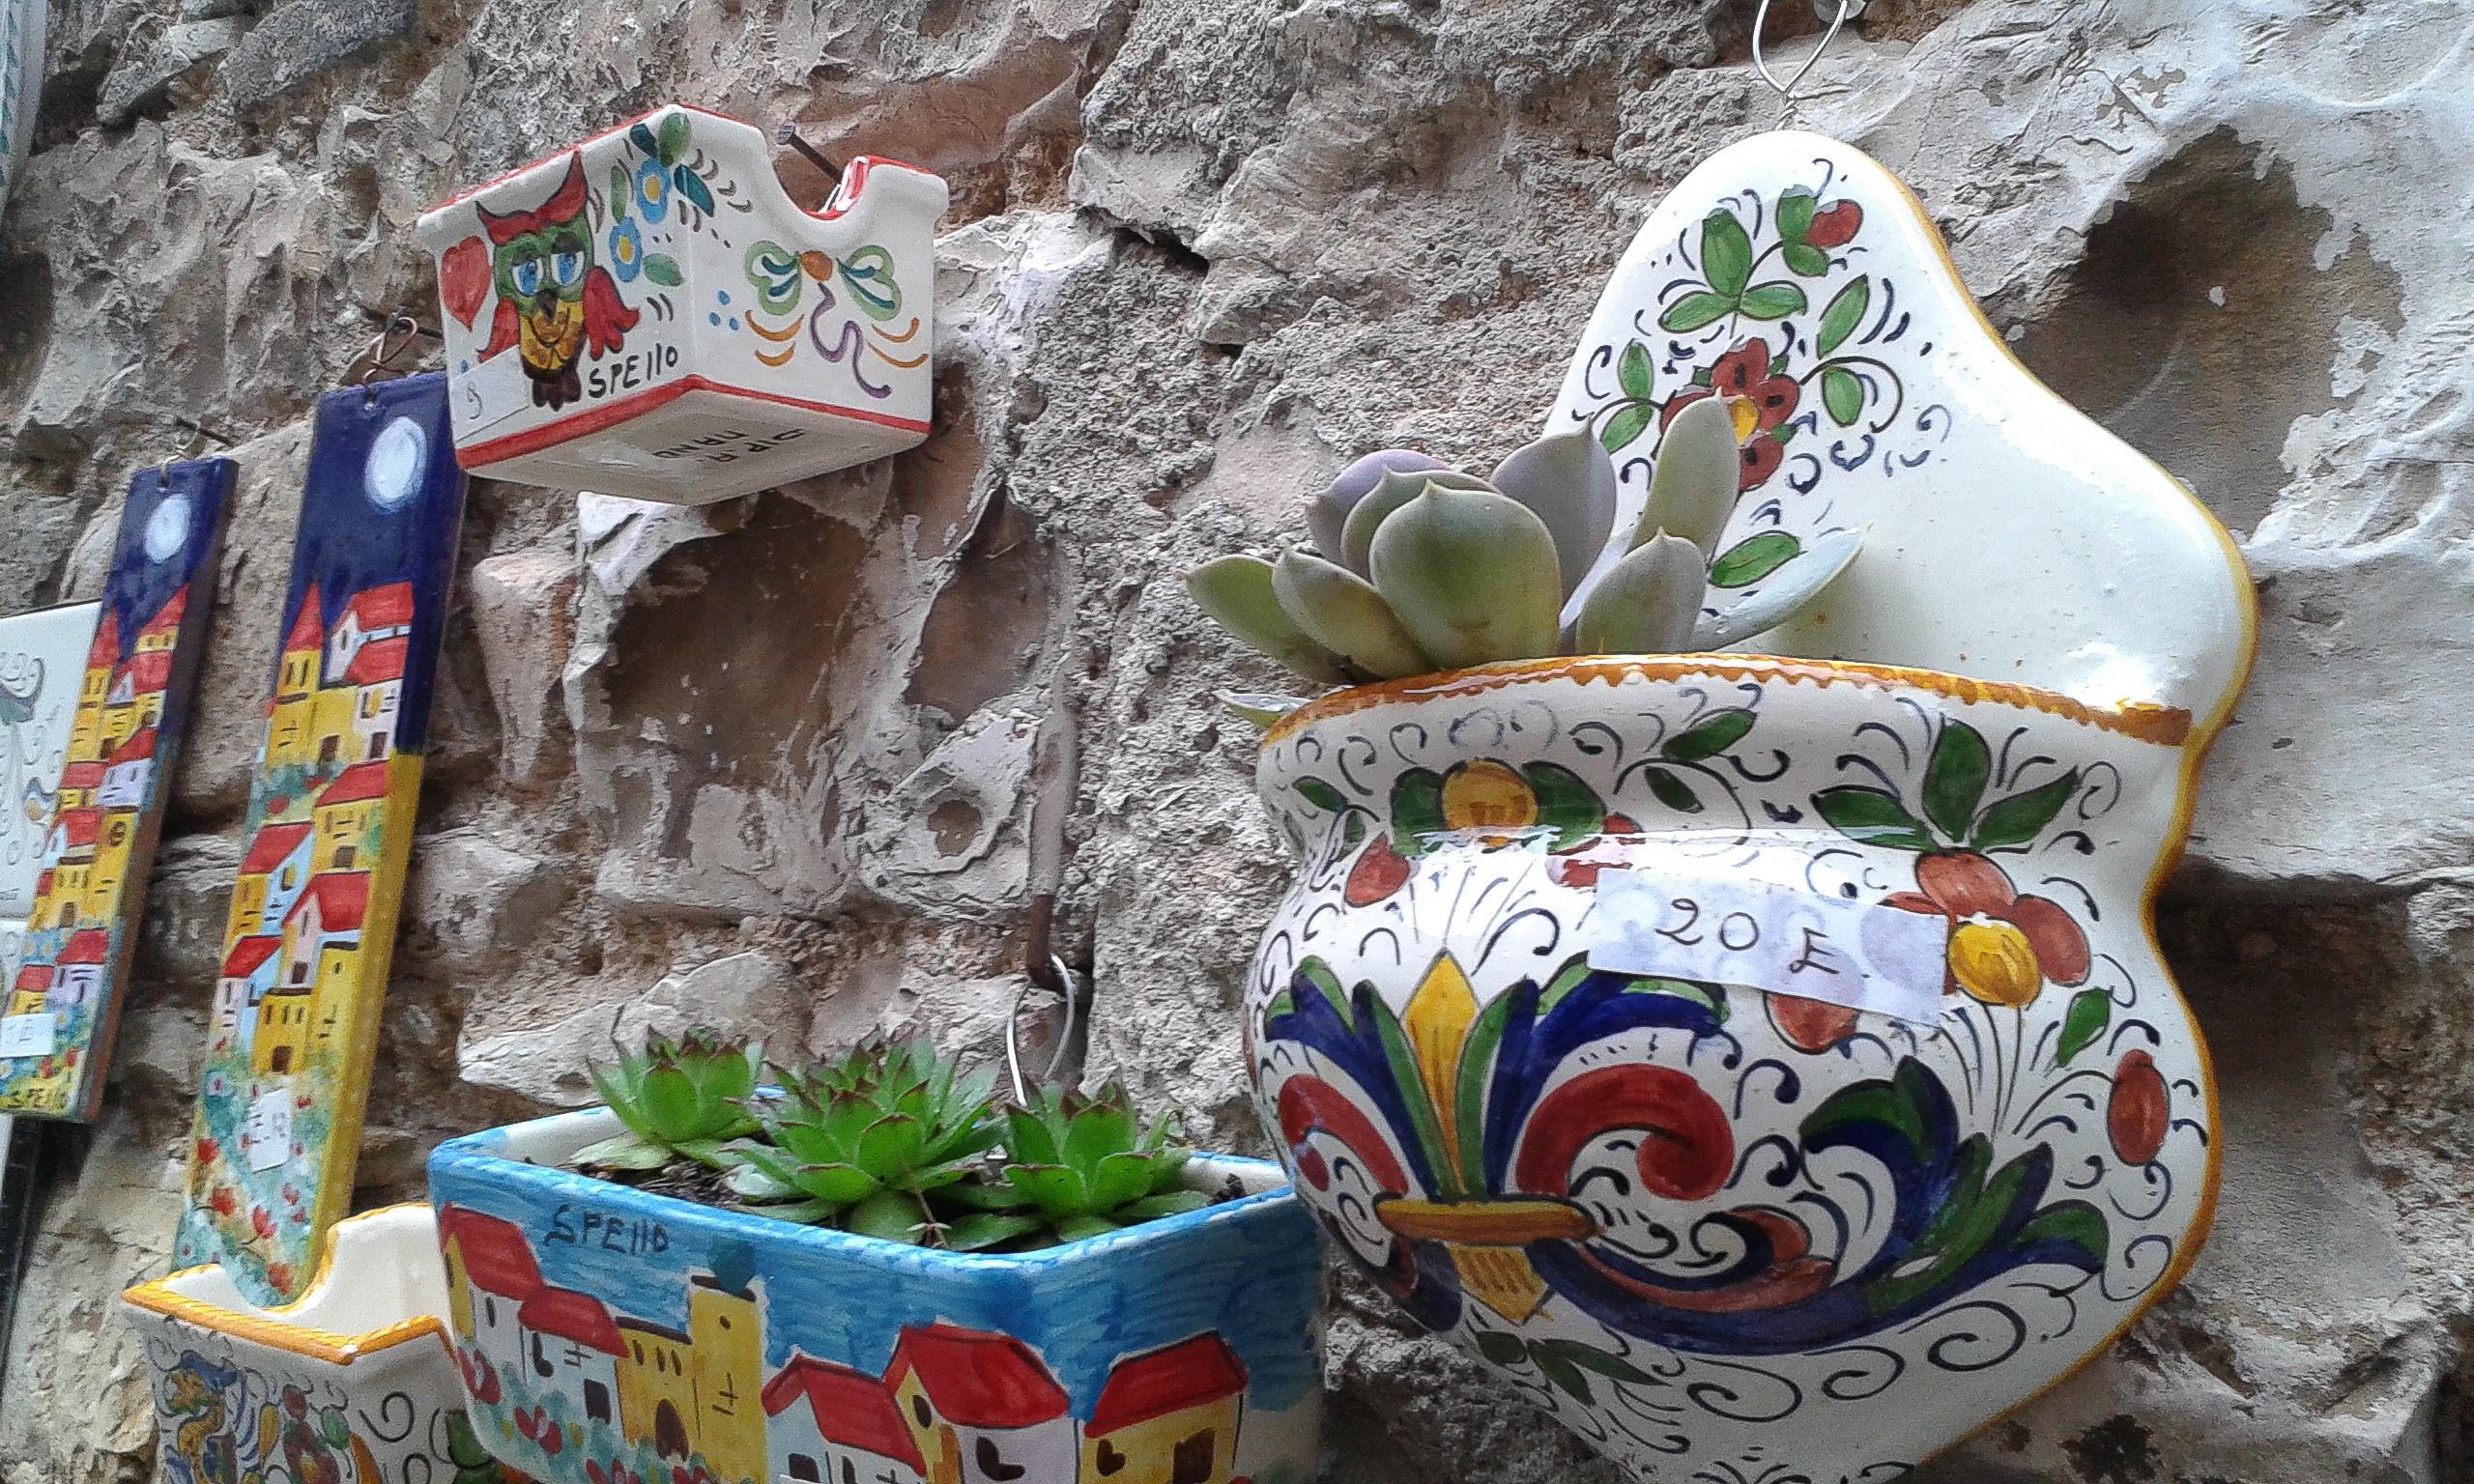 Spello e la ceramica